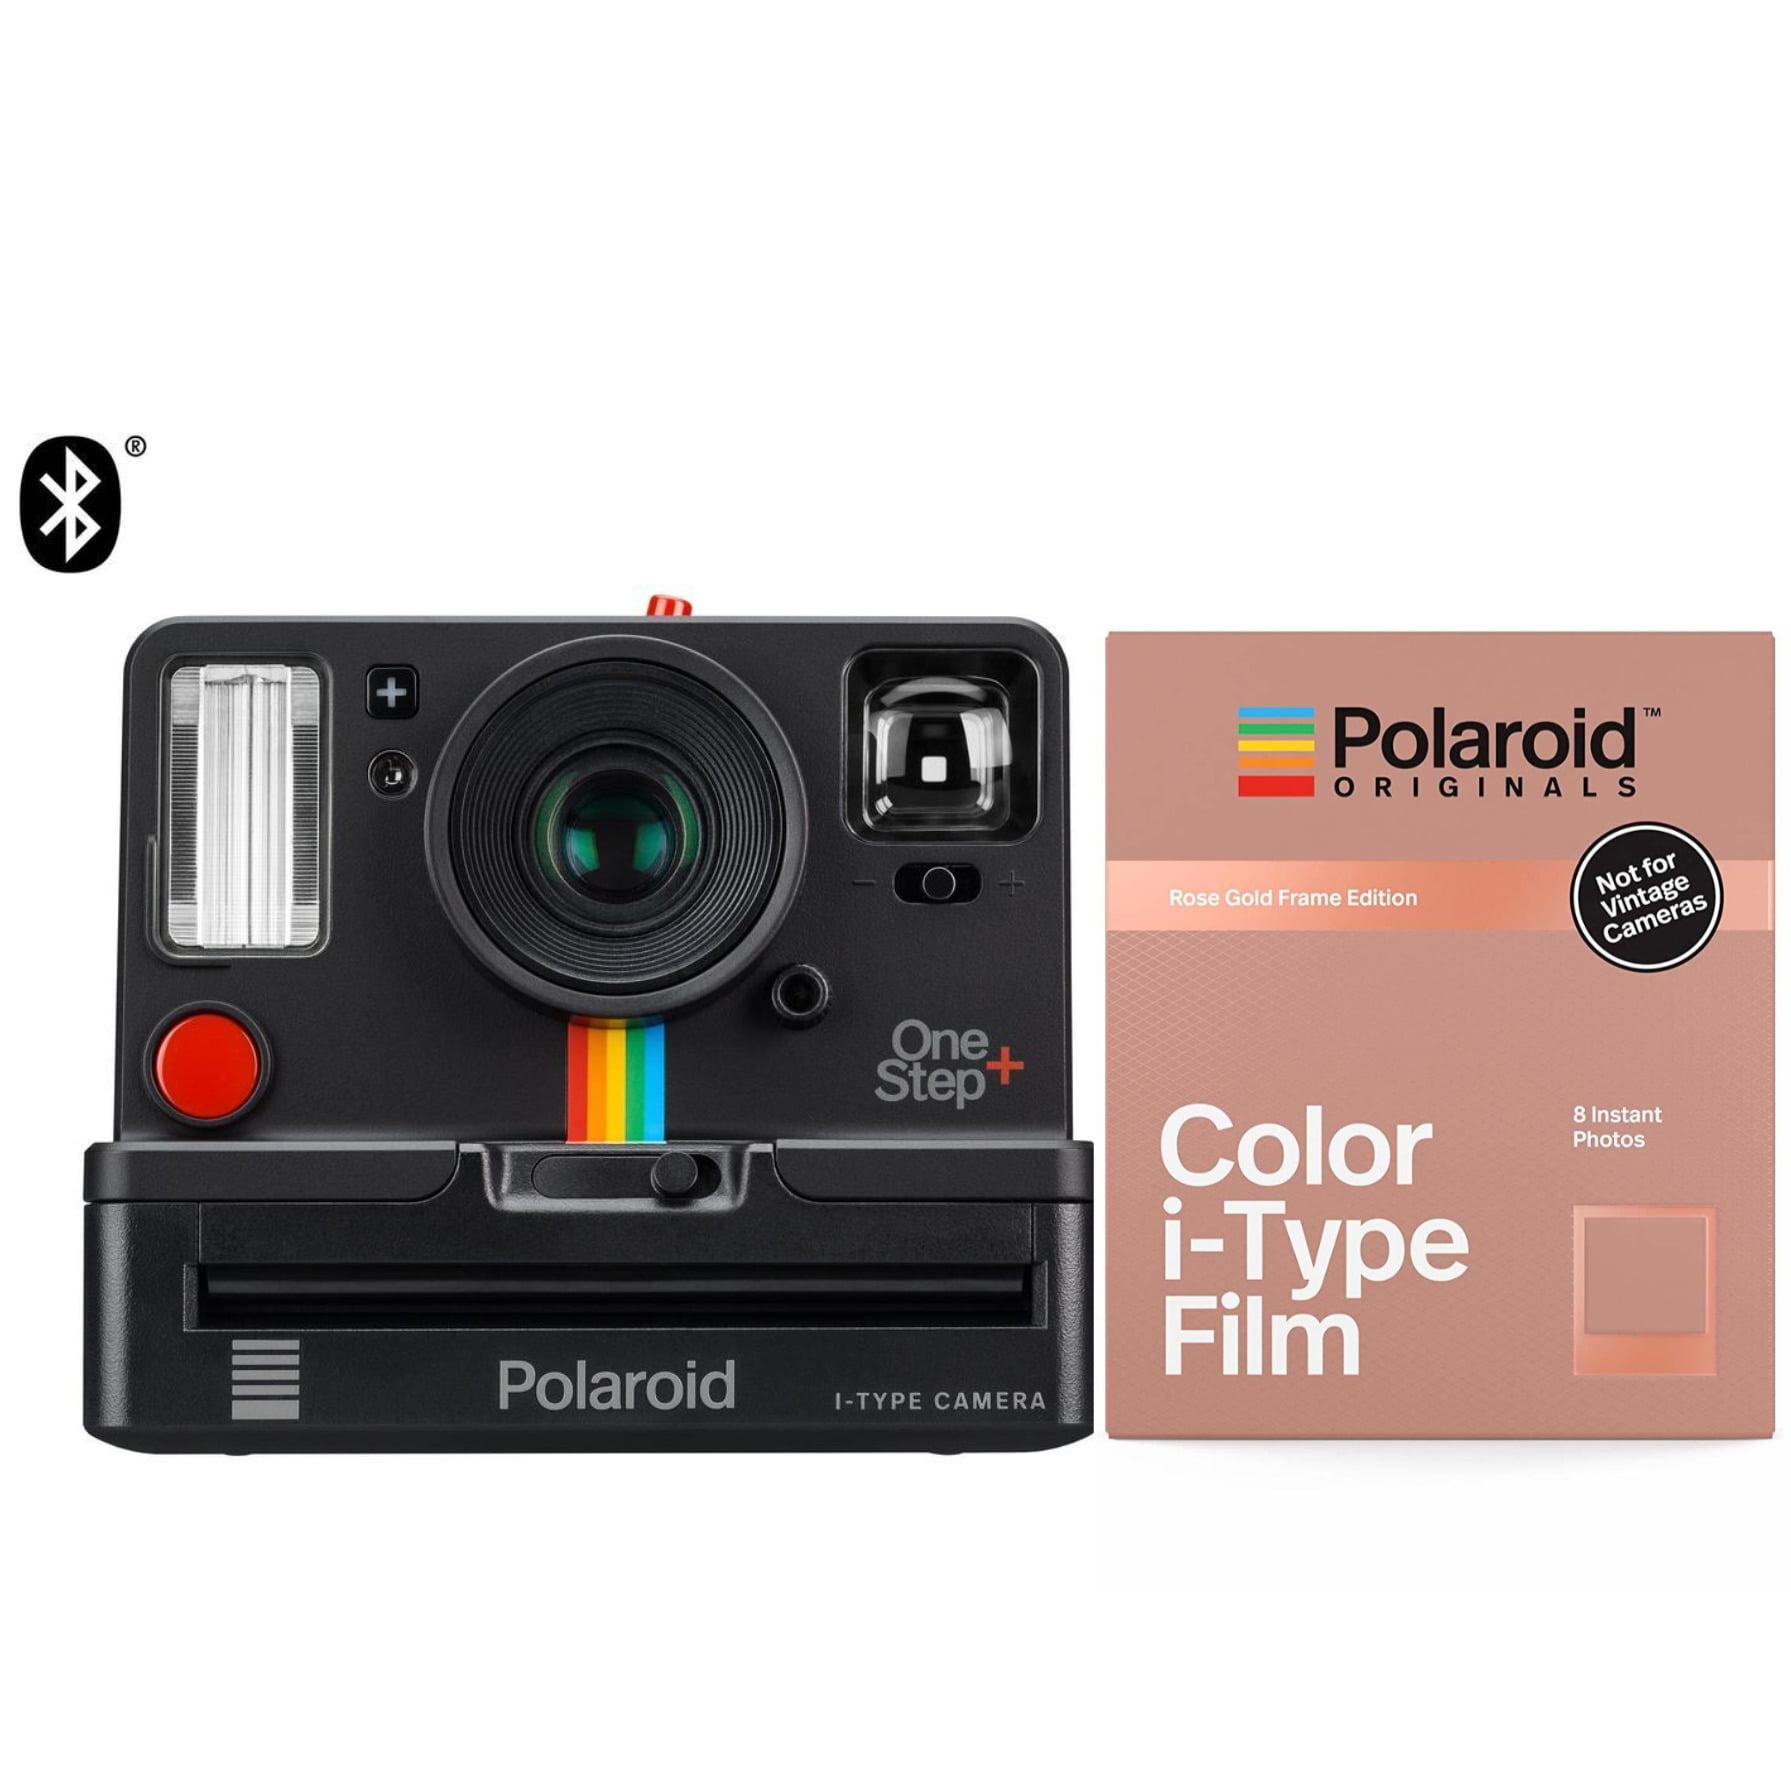 Polaroid Originals 9010 OneStep Instant Camera and Rose Gold I-type Film by Polaroid Originals